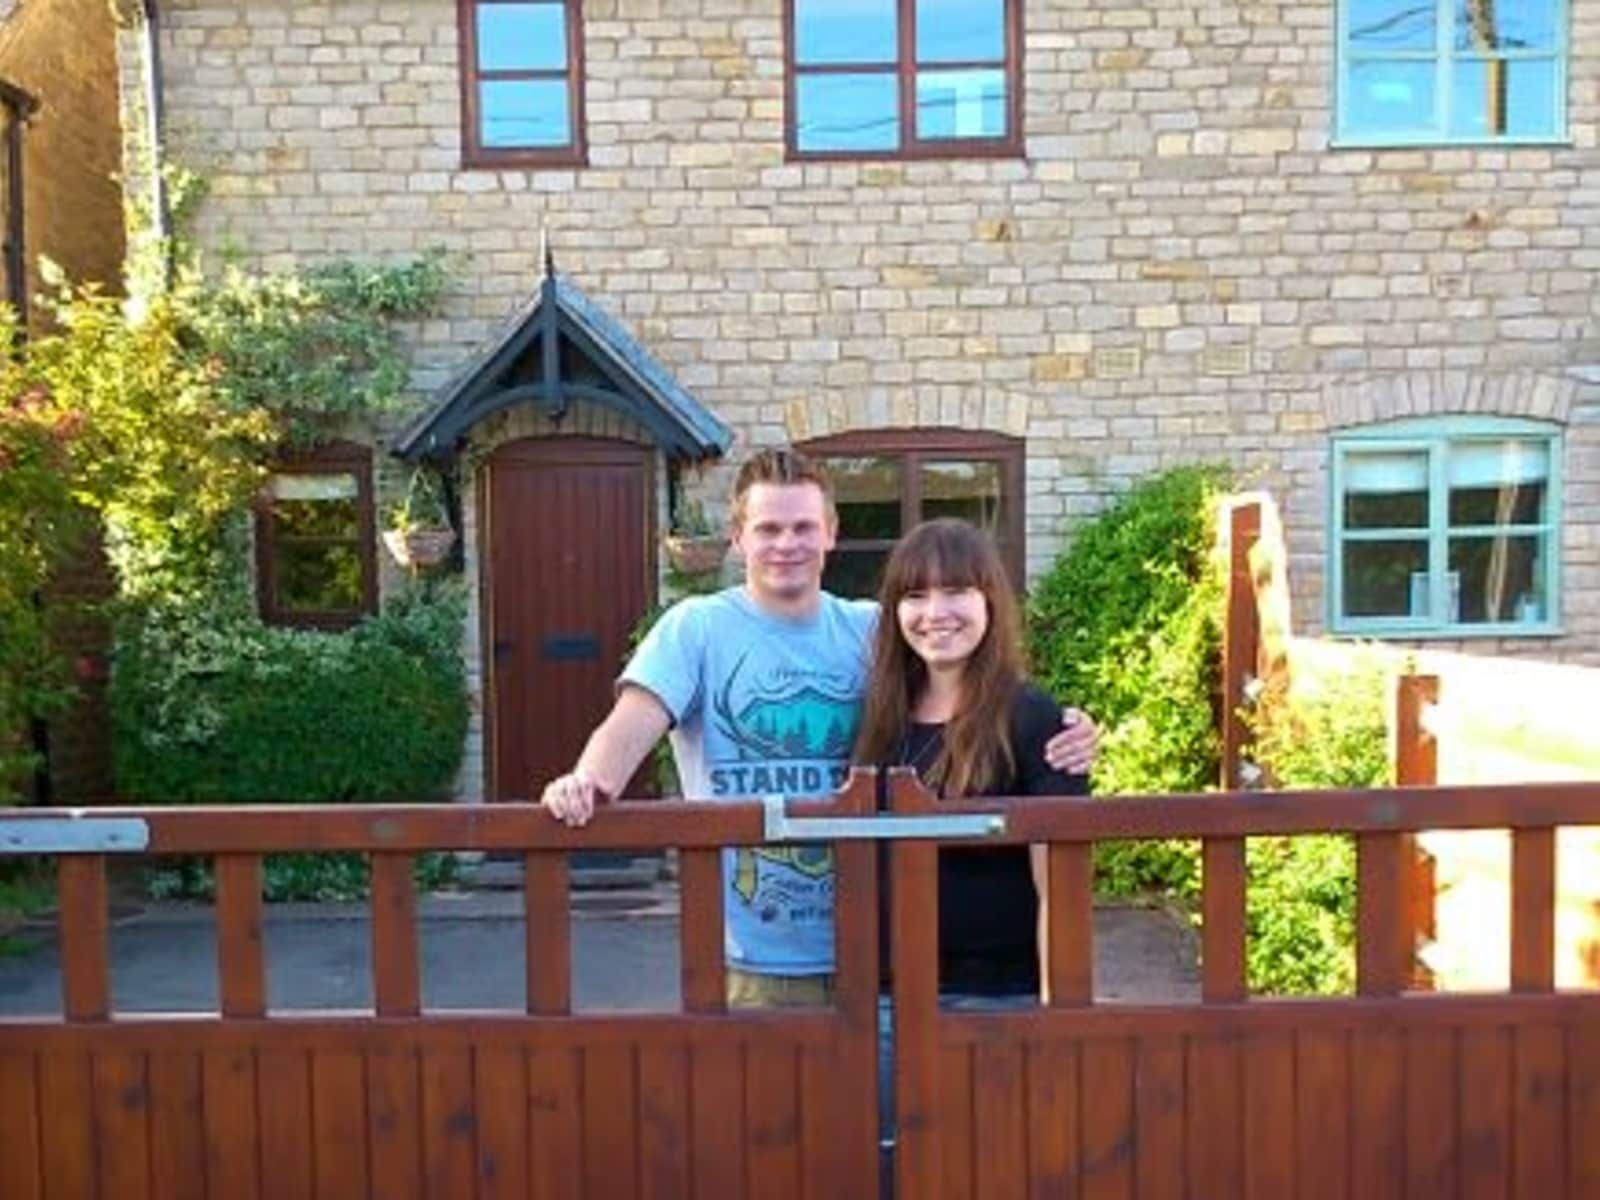 Philippa & Edward from Oxford, United Kingdom